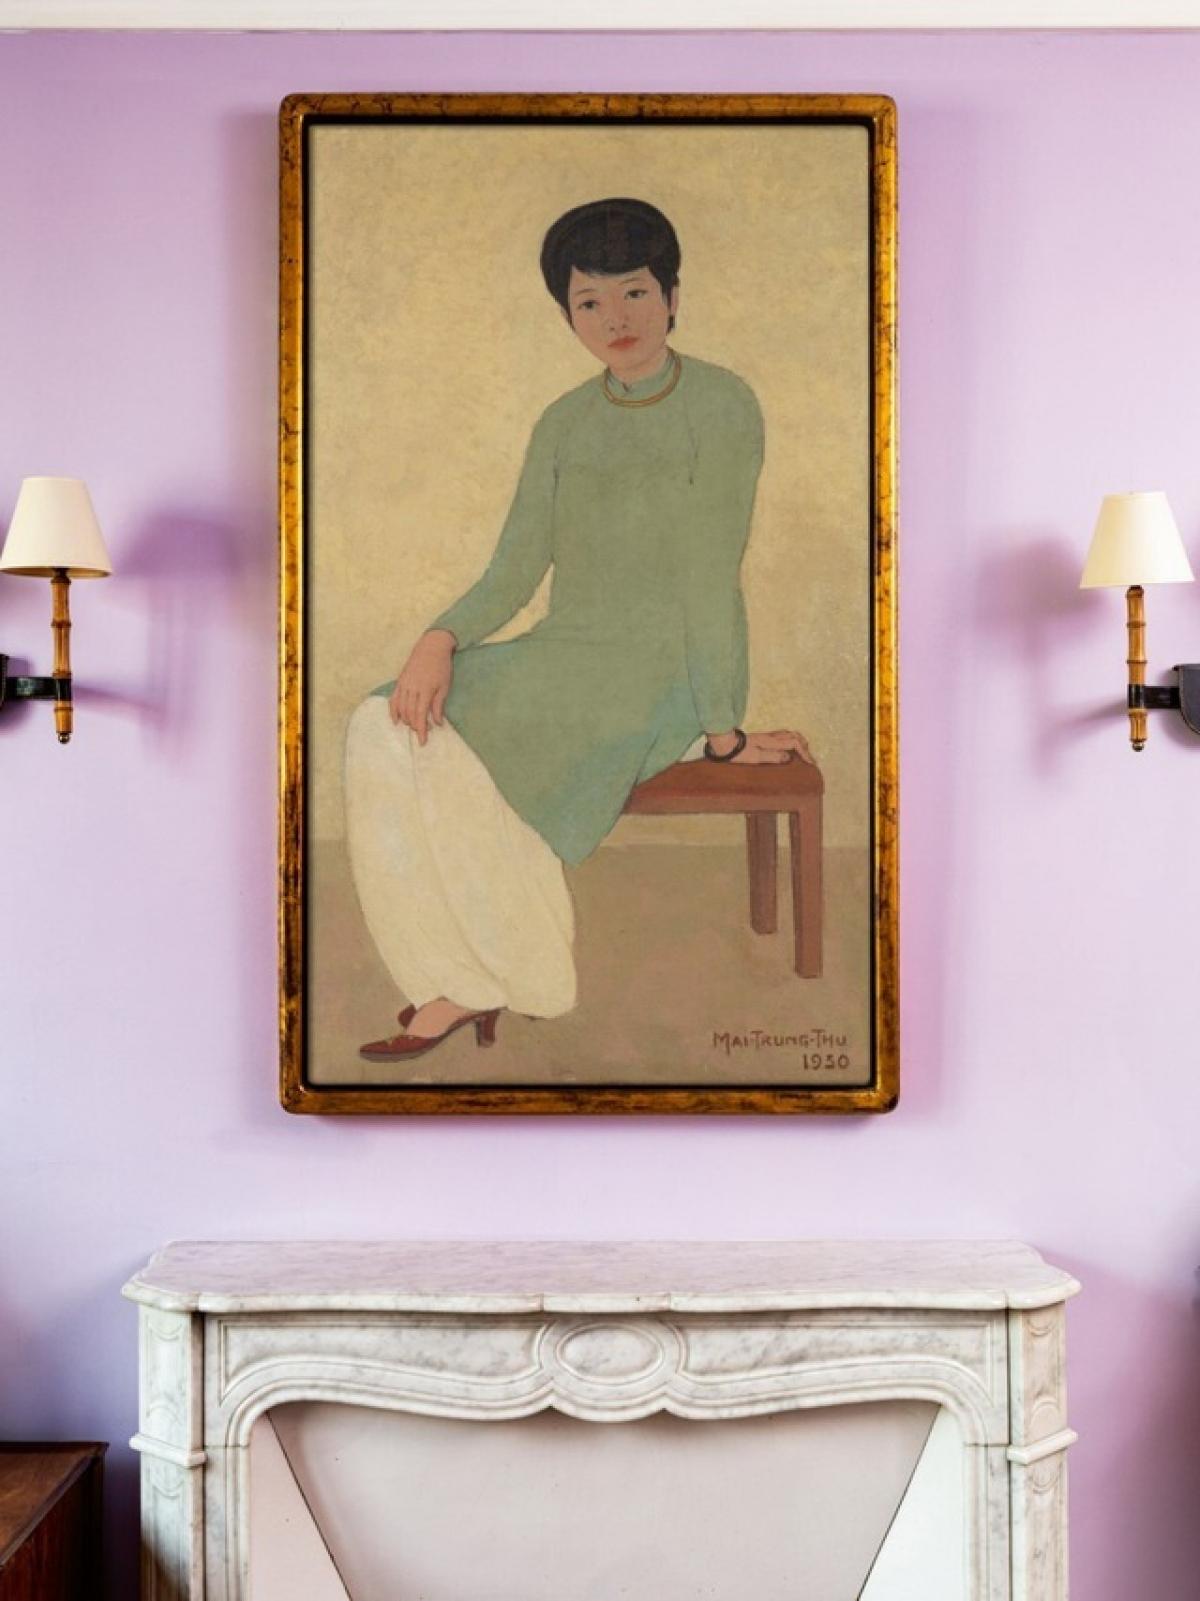 Bức tranh được bán khởi điểm với giá 500 nghìn USD, sau đó nâng dần lên 1,9 triệu USD, 2 triệu USD, 2,1 triệu USD, 2,5 triệu USD và dừng ở mức 2,573 triệu USD. Sau khi tính thuế phí, bức tranh đạt 3,1 triệu USD, trở thành là bức tranh Việt có mức giá ước chừng cao nhất từ trước đến nay.